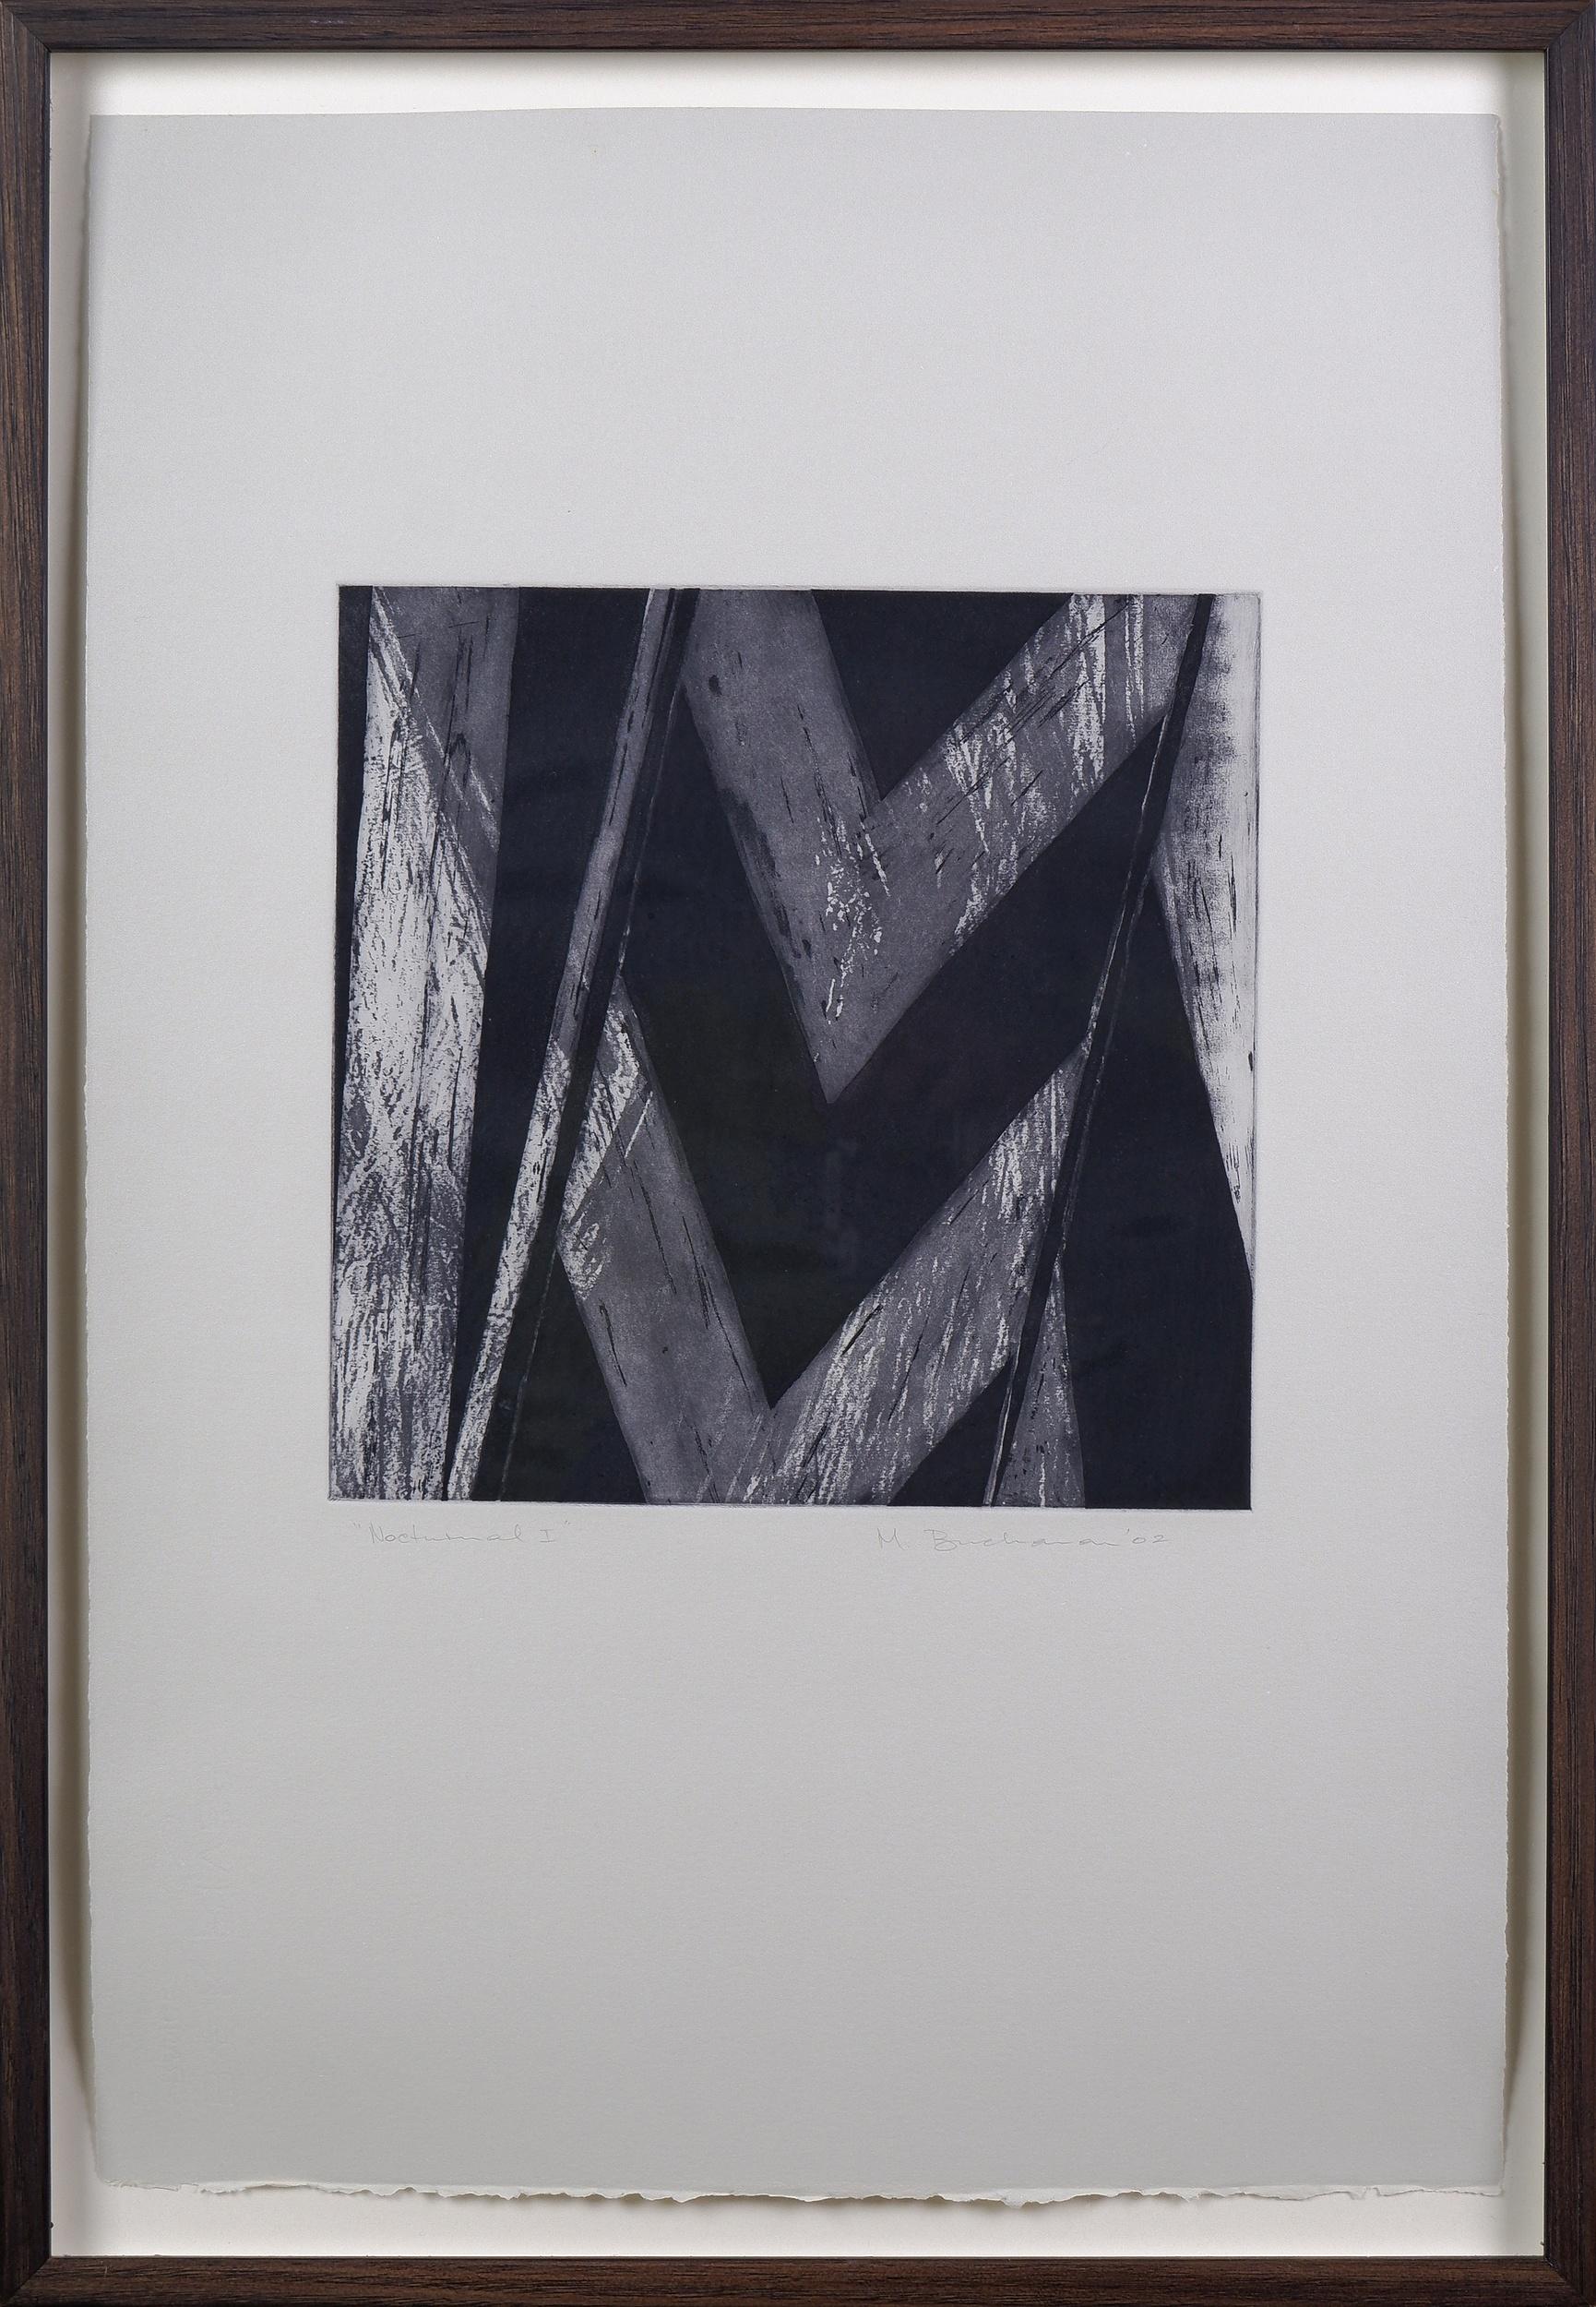 'Meg Buchanan (born 1949), Nocturnal I 2002, Etching & Aquatint, Unique State, 24.5 x 24.5 cm (image size)'